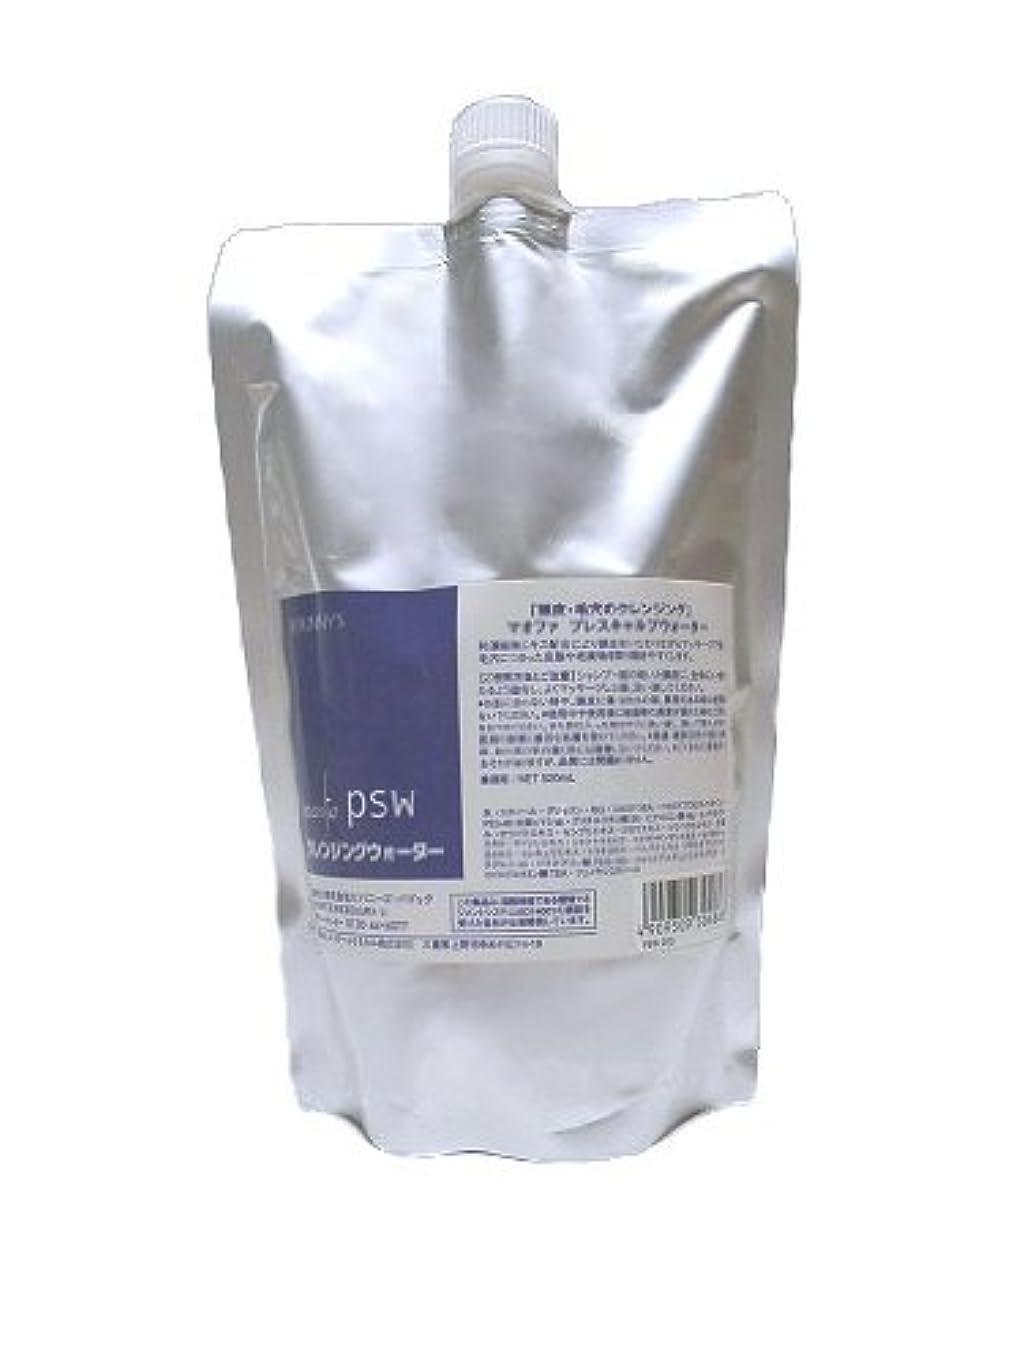 ラビリンスグラム乳製品【ロイヤル・アストレア】マオファPSW (プレシャンプー) (レフィル) 520ml